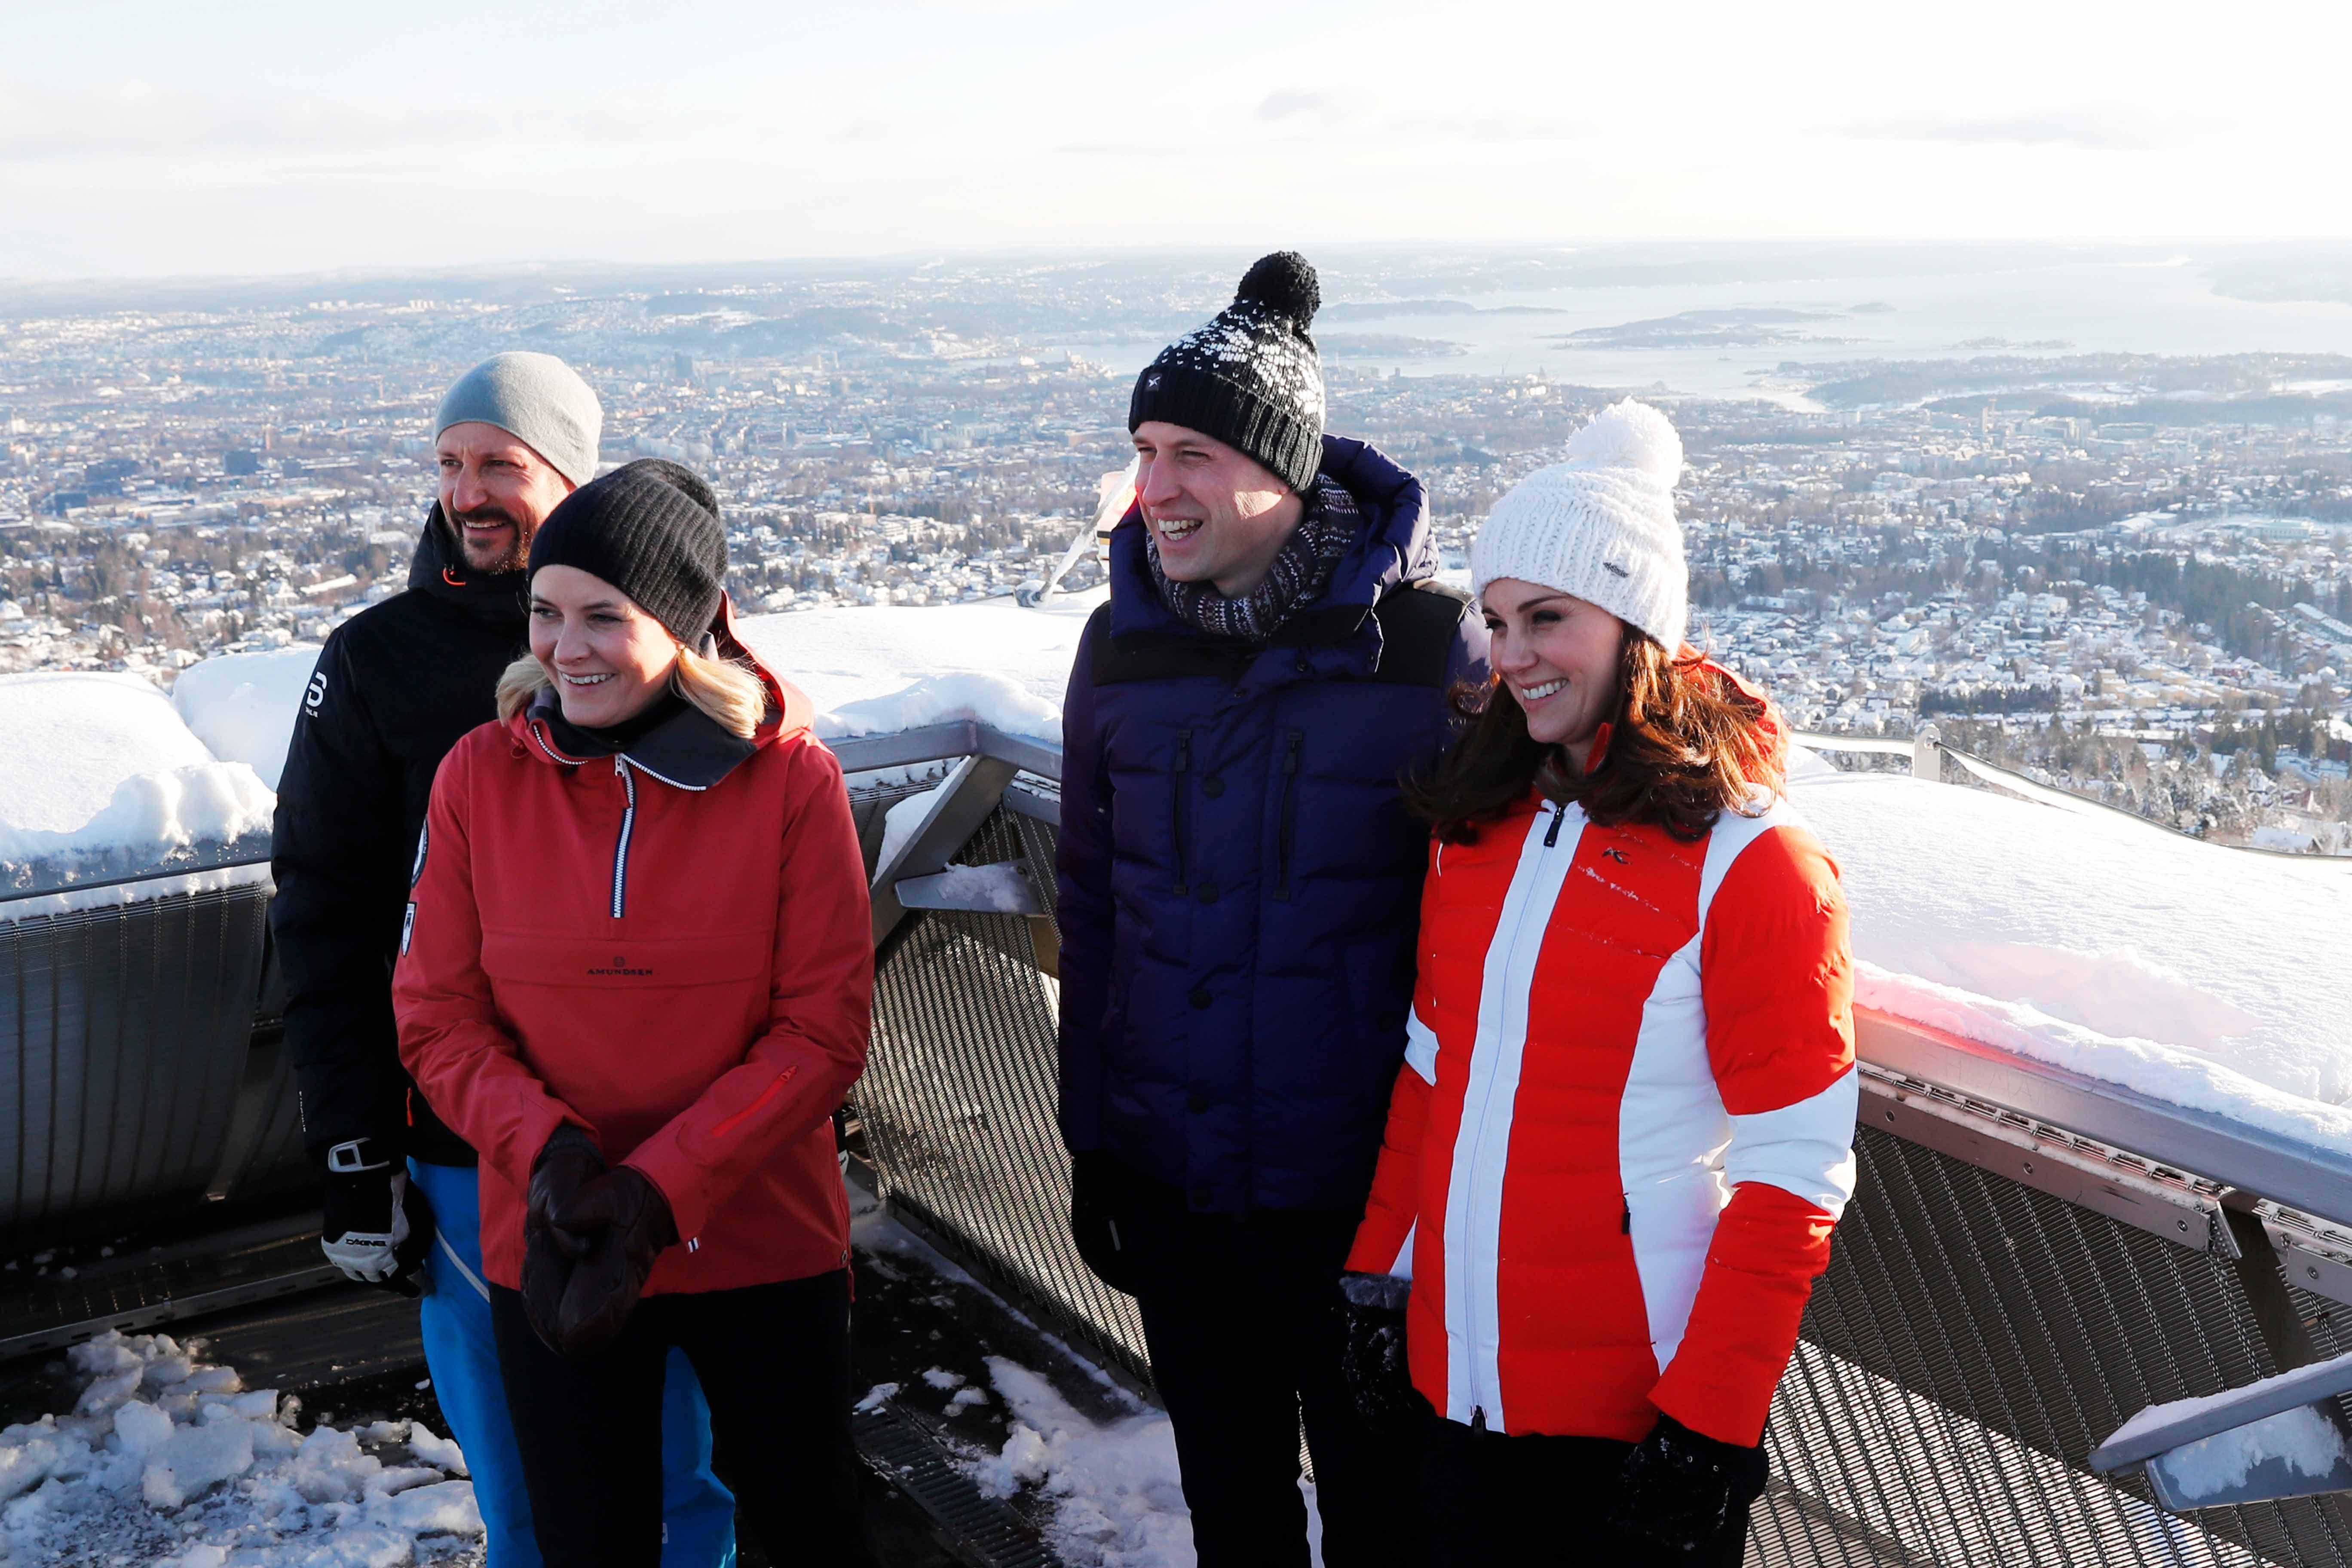 El príncipe William y Kate Middleton junto al príncipe heredero Haakon de Noruega y su esposa  Mette Marit durante la visita de cuatro días a ese país. (Cornelius Poppe/NTB scanpix via AP)